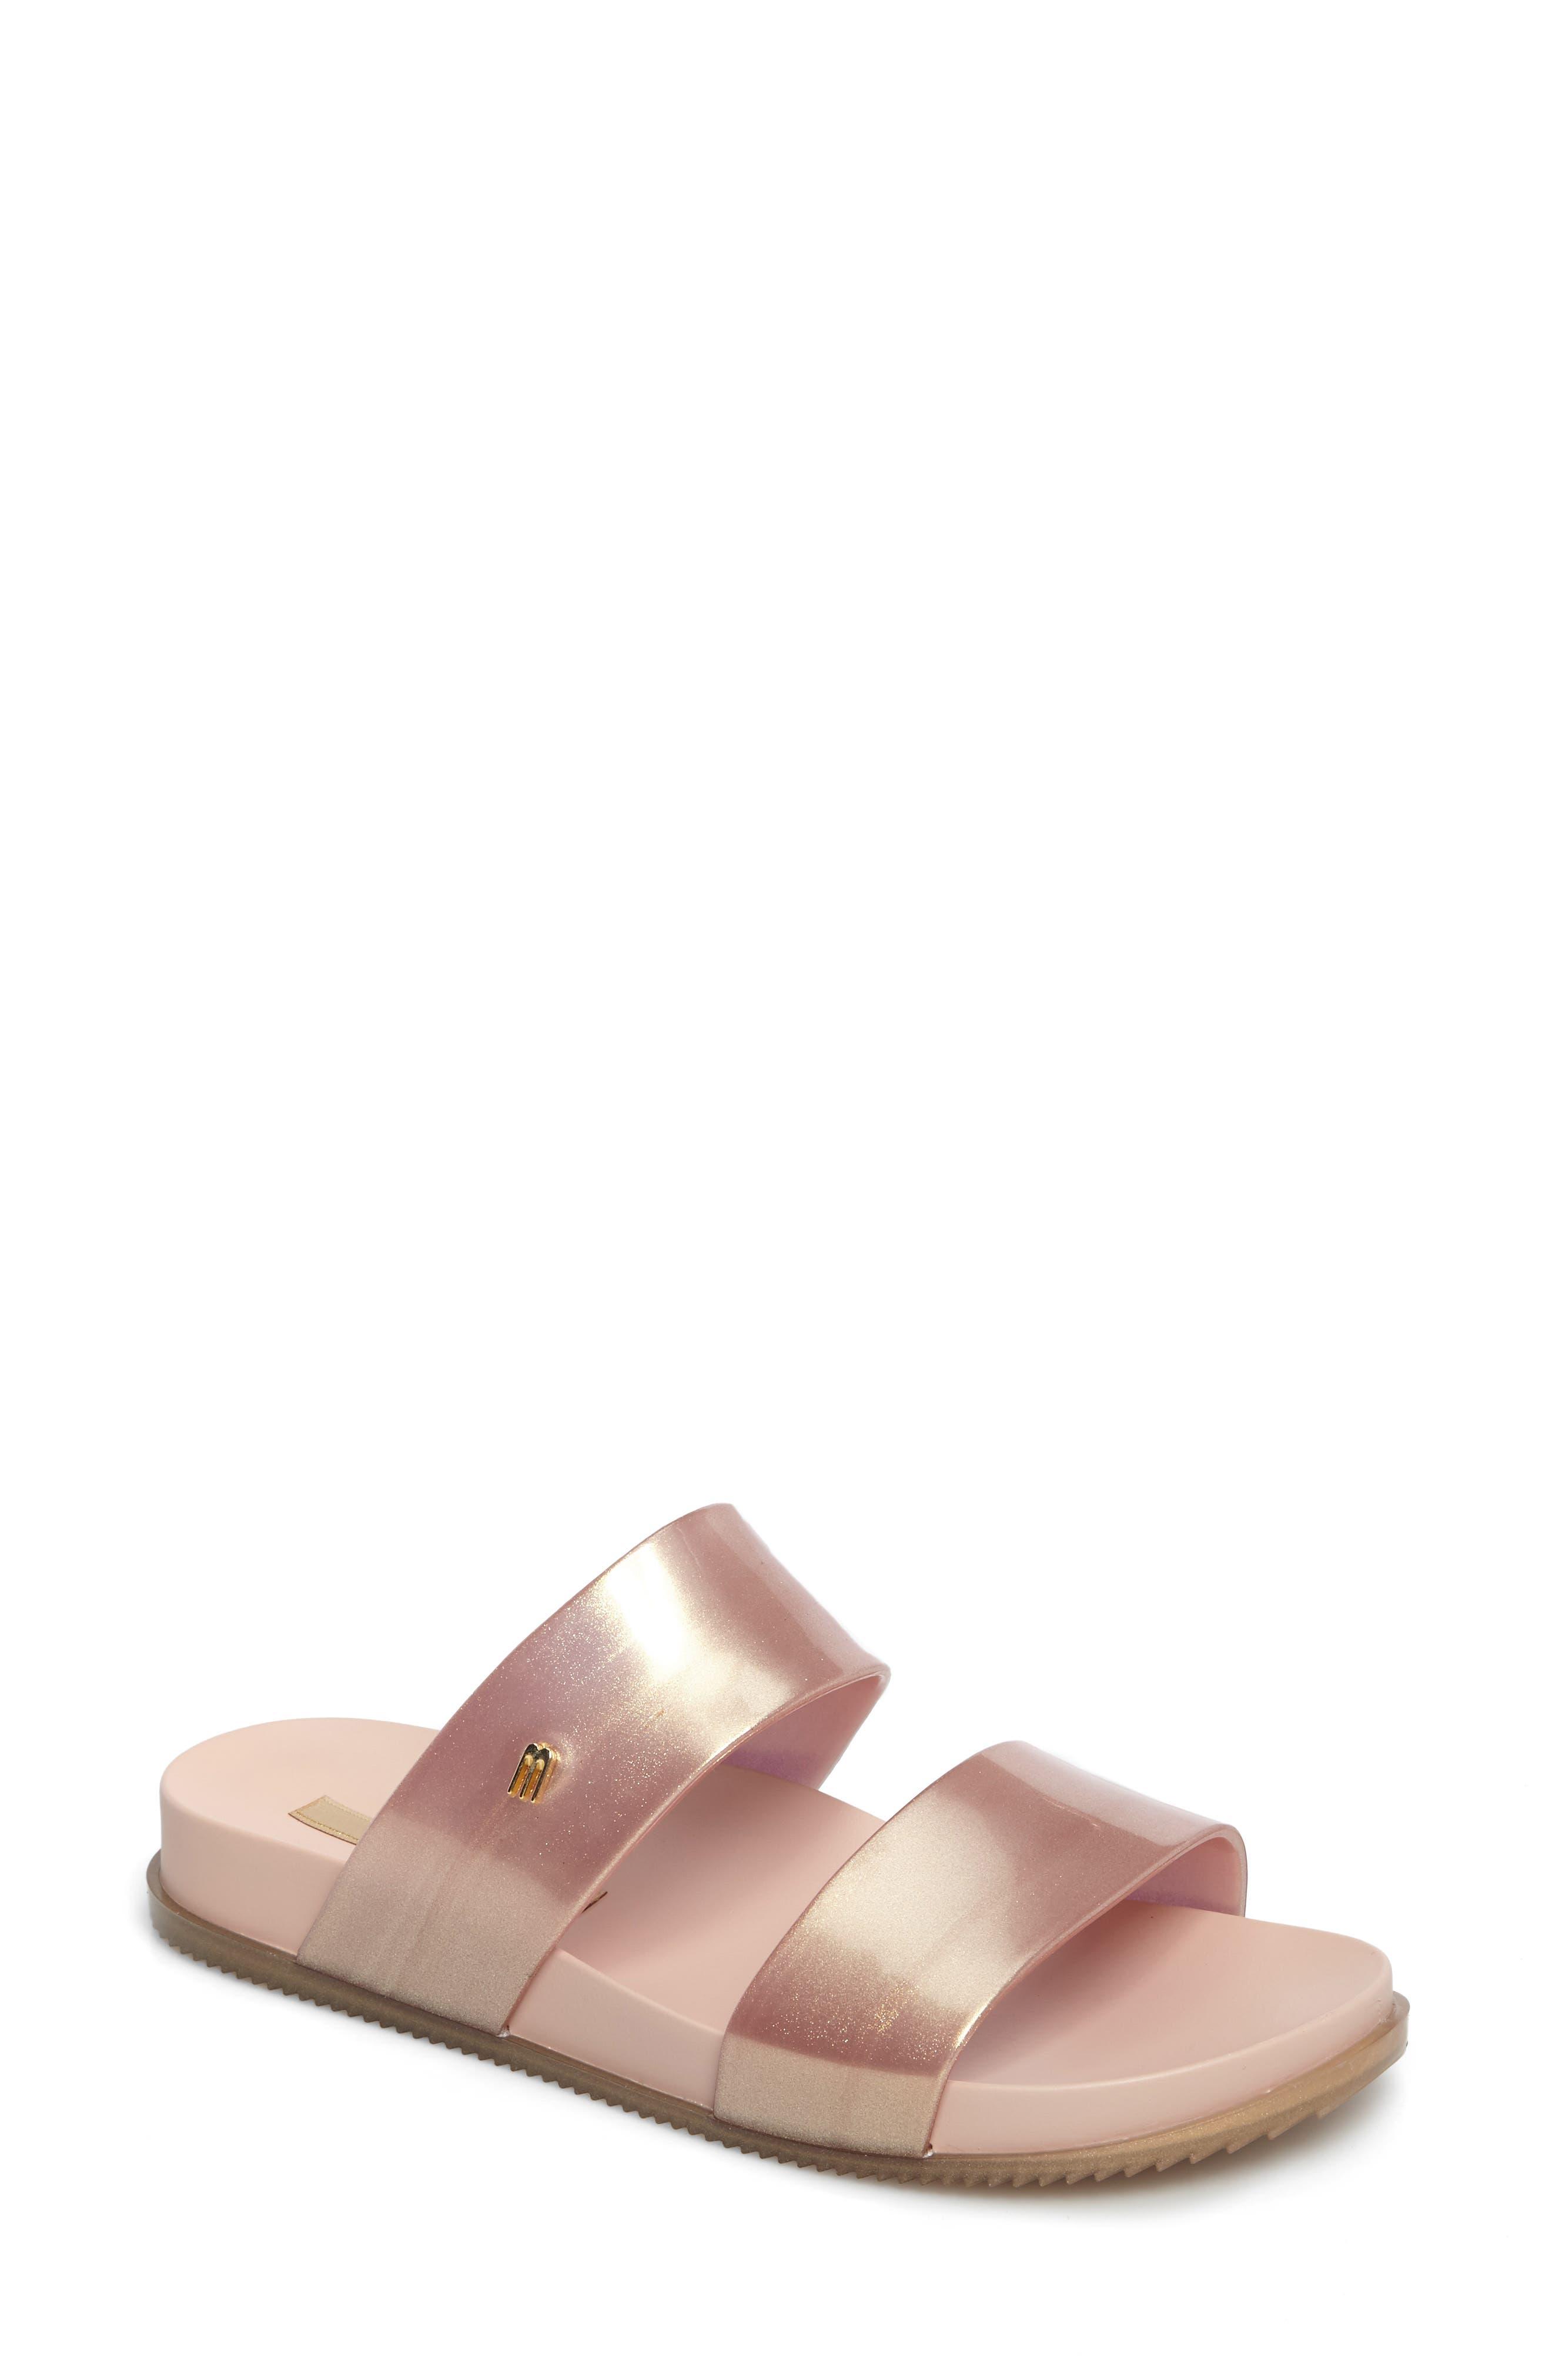 'Cosmic' Sandal,                         Main,                         color, Metallic Pink